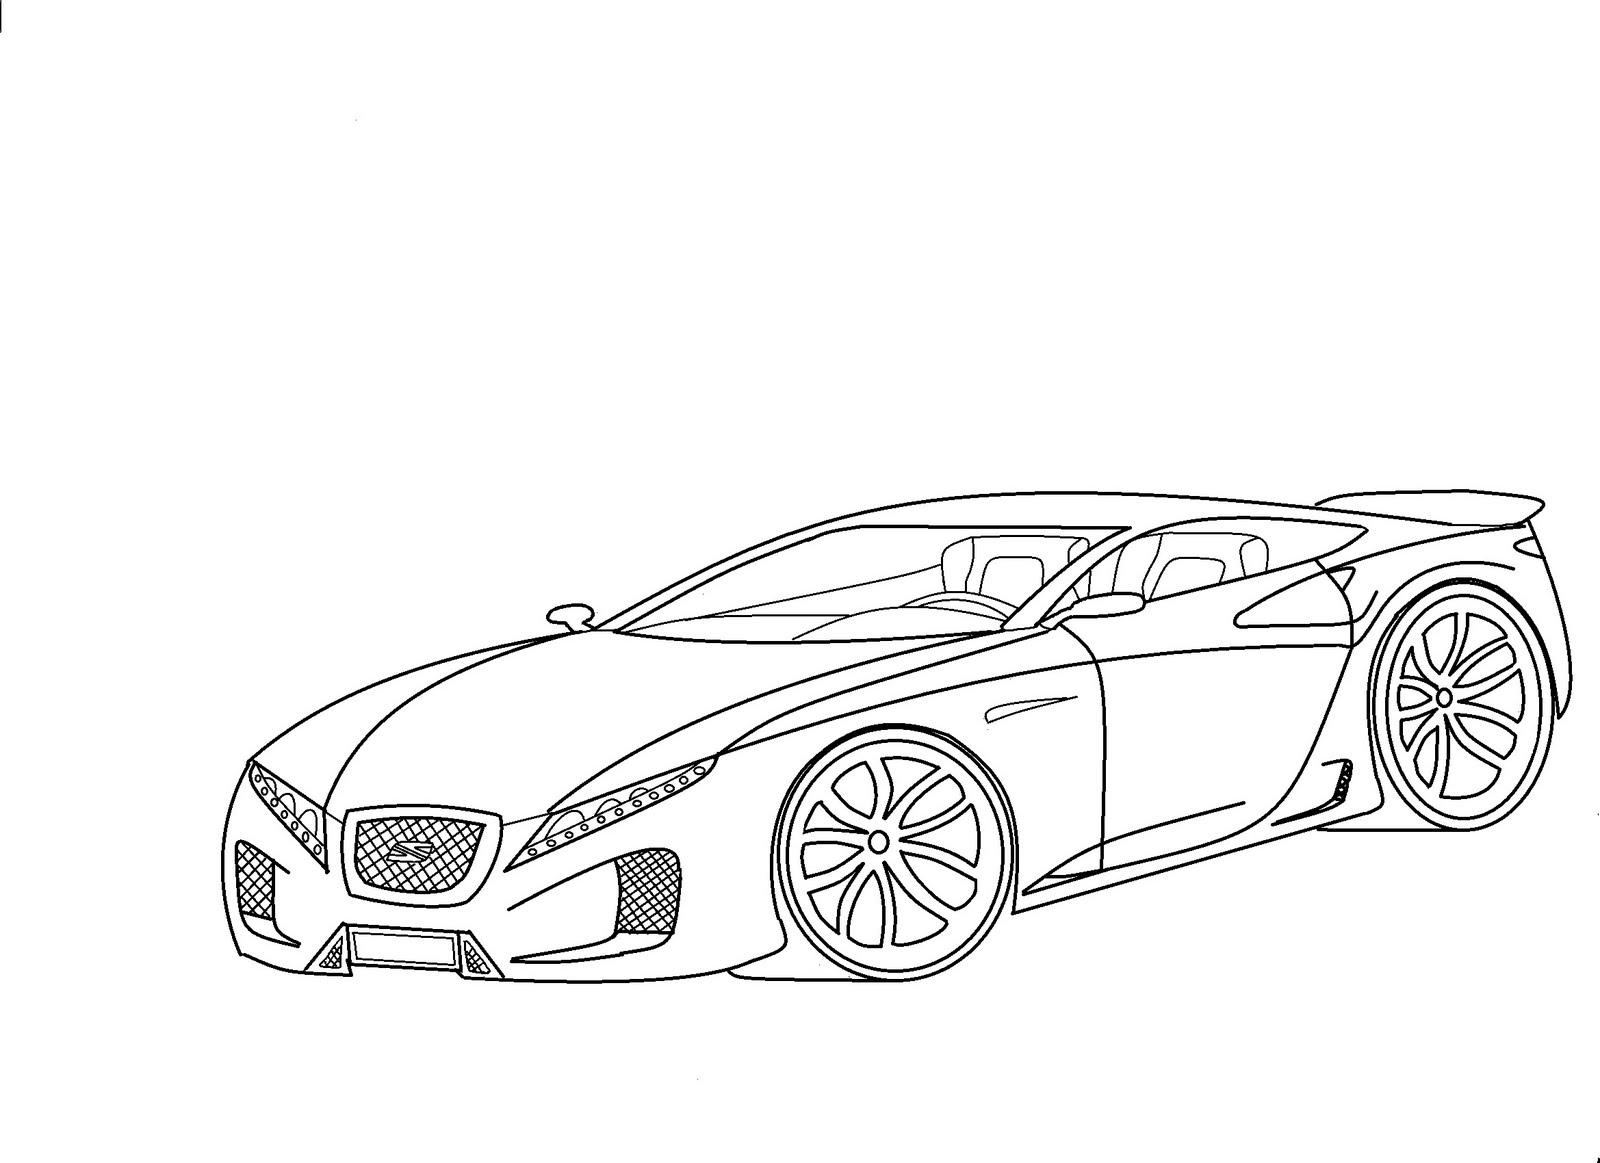 Coches para colorear gratis gallery of stunning dibujo - Empapelar coche para pintar ...